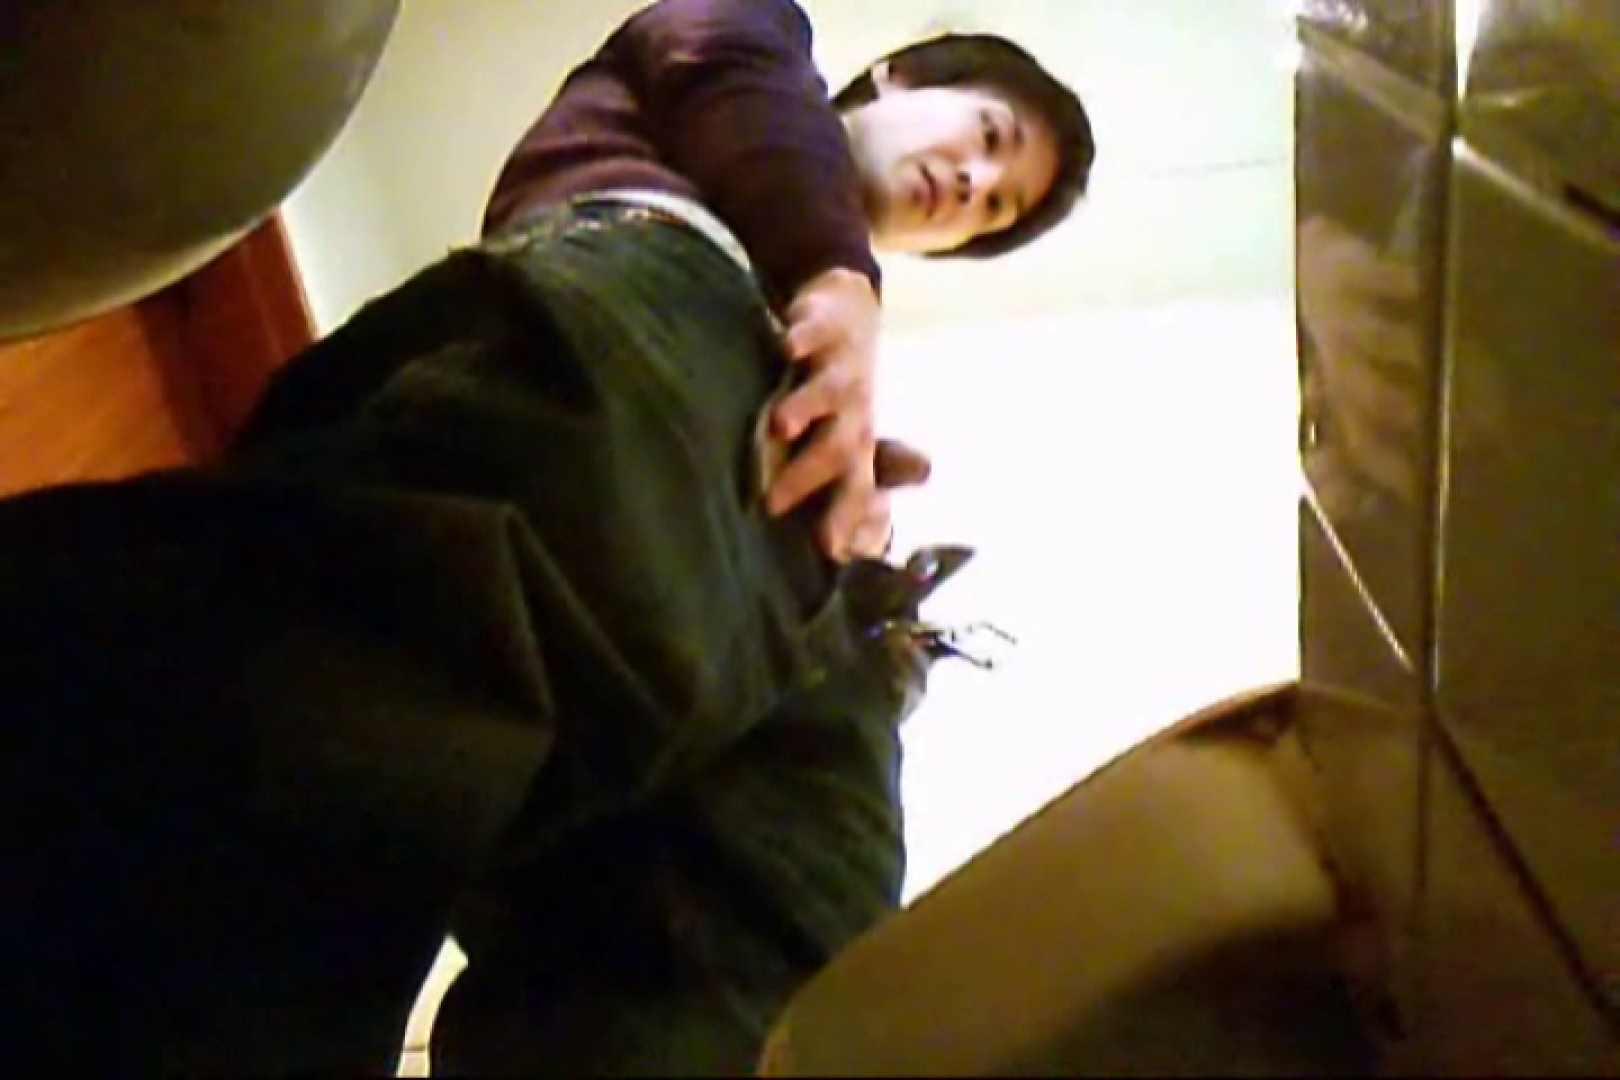 Gボーイ初投稿!掴み取りさんの洗面所覗き!in新幹線!VOL19 のぞき | リーマン系ボーイズ  54pic 39